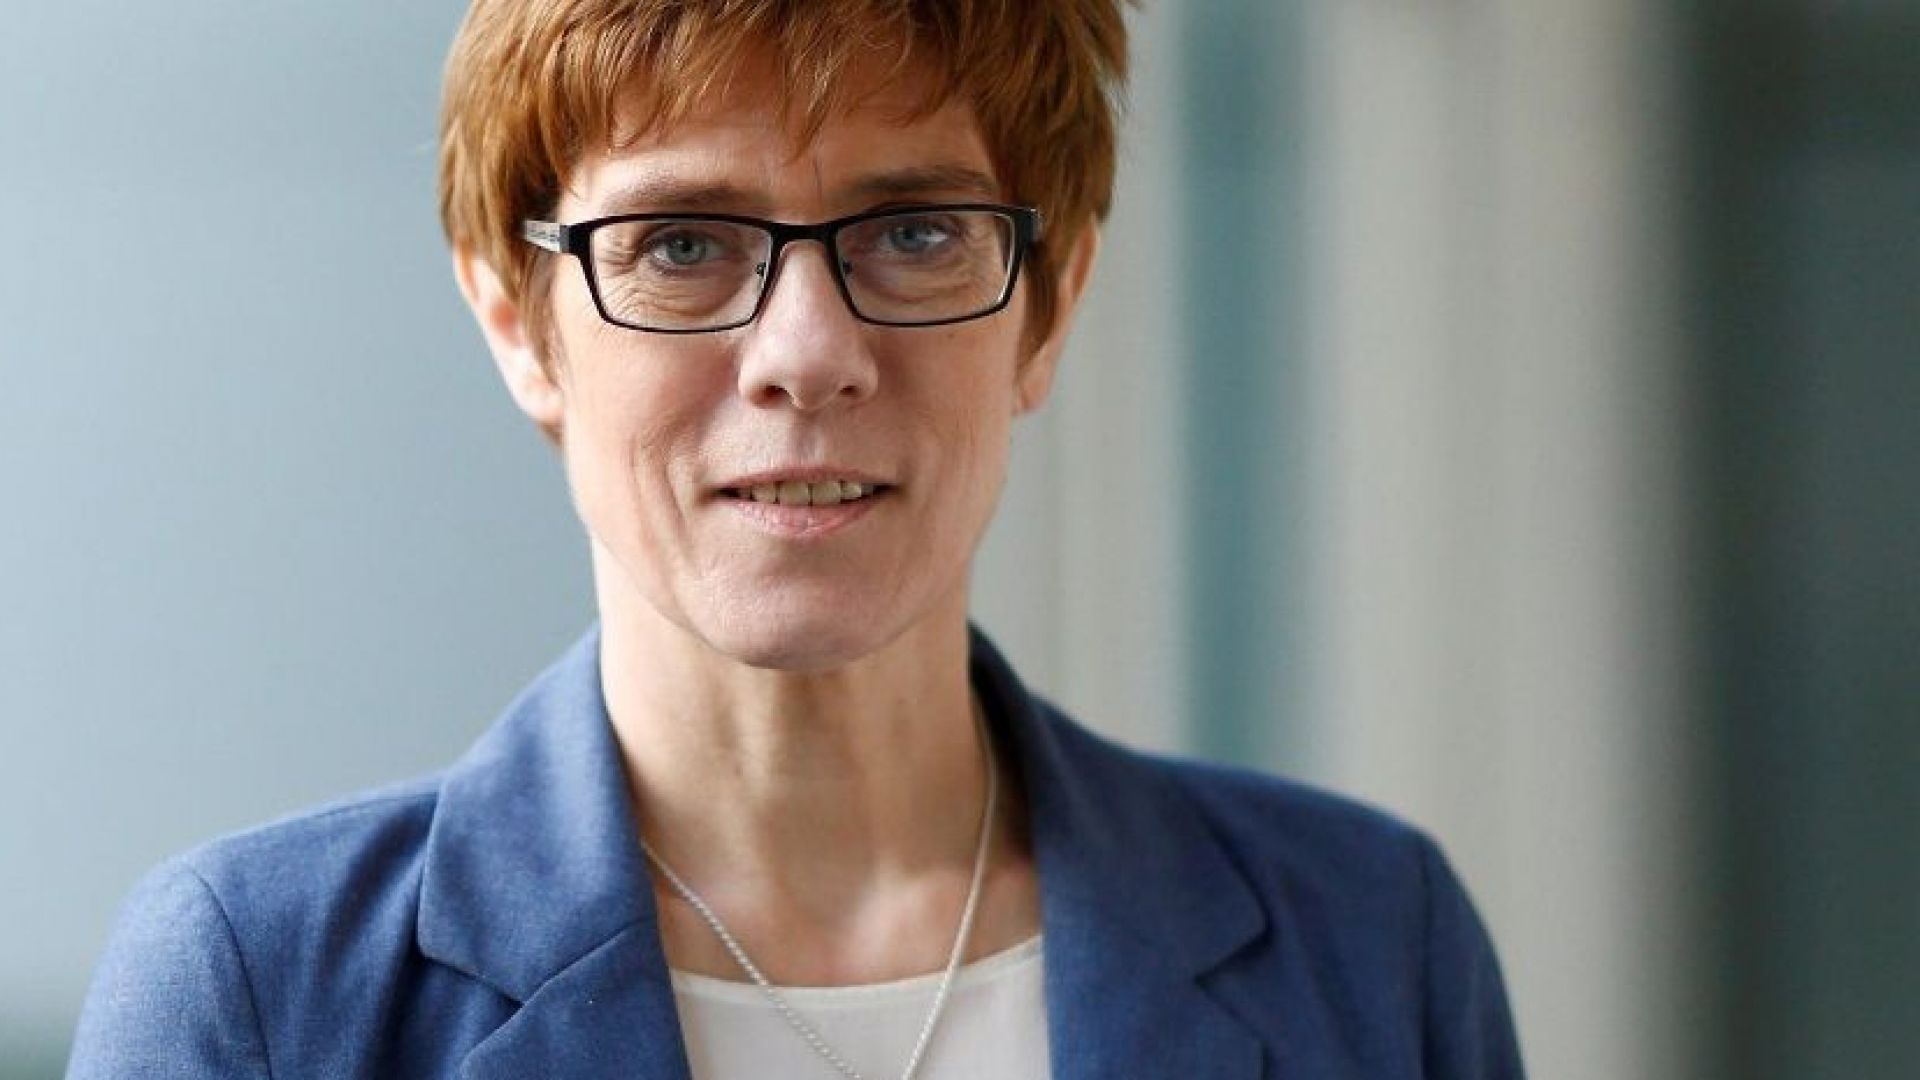 Анегрет Крамп-Каренбауер, новият лидер на германския Християндемократически съюз (ХДС), е